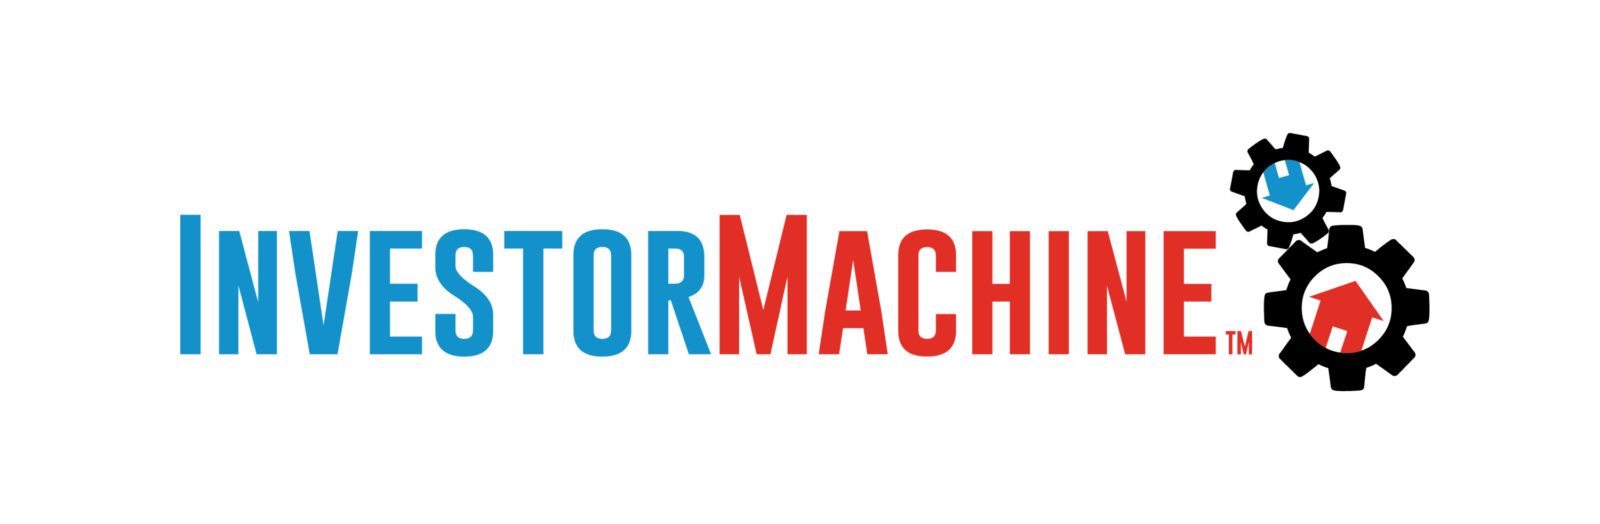 investor_machine_horizontal-01